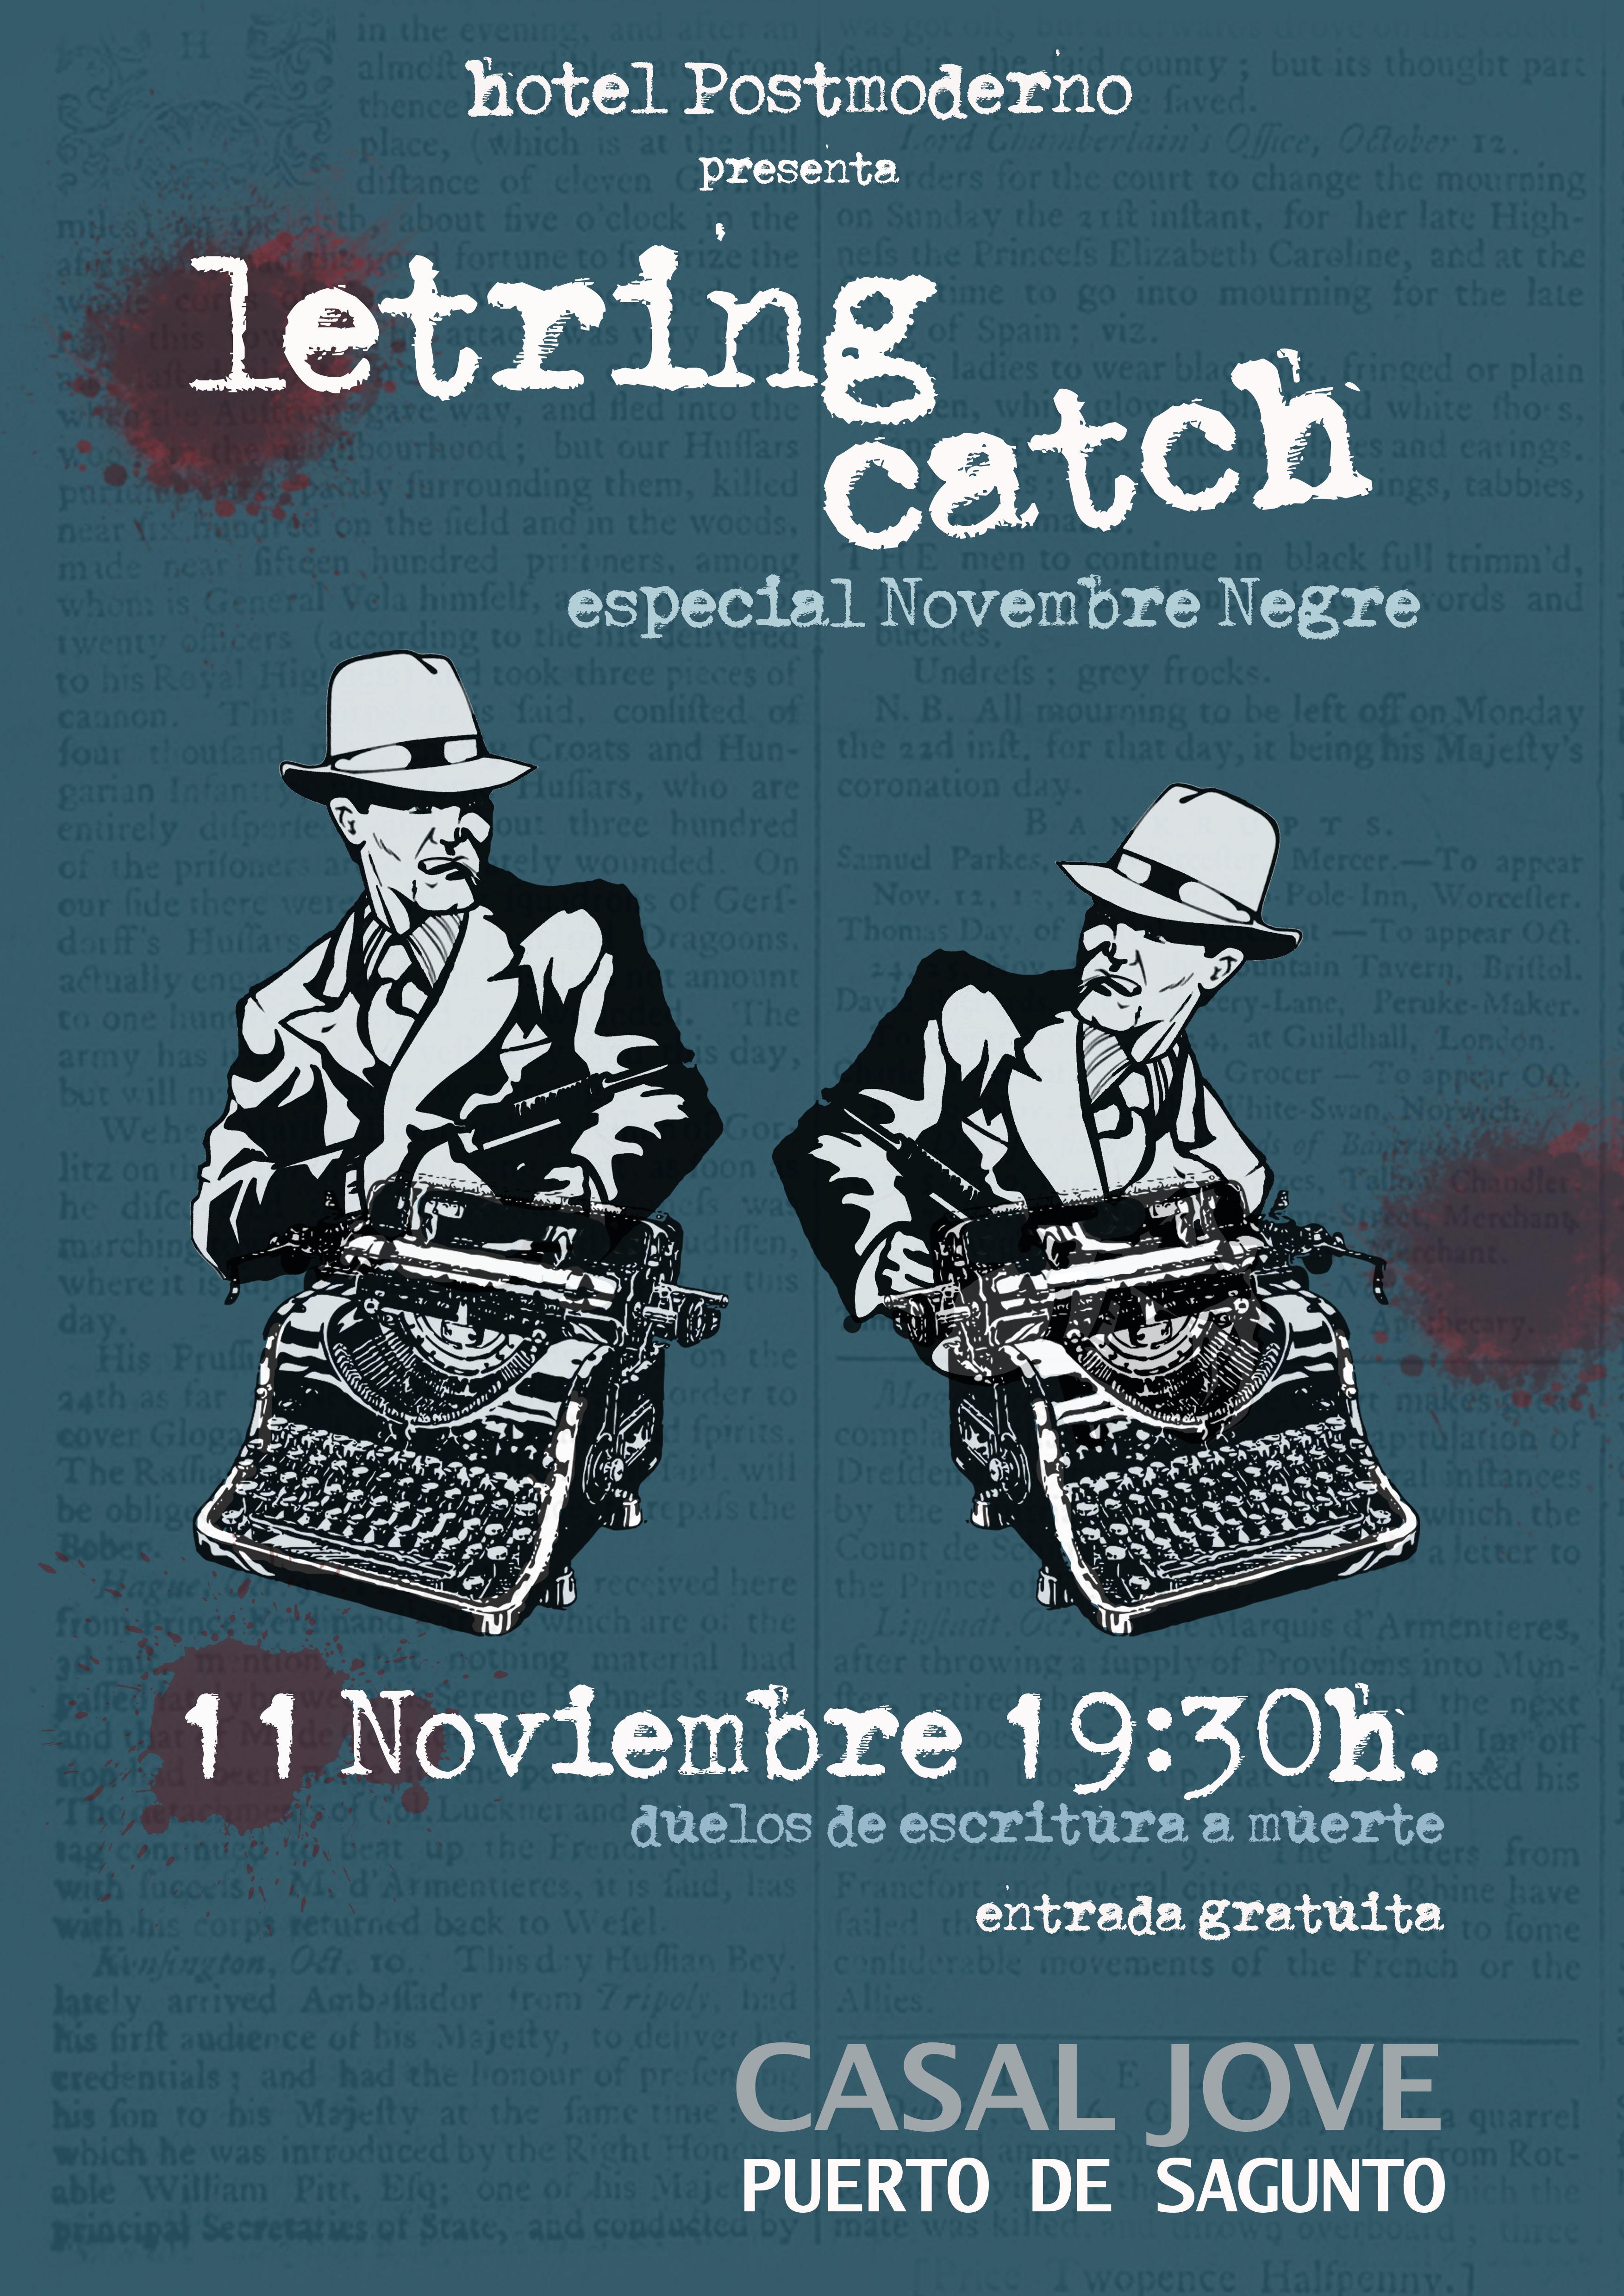 Literatura novembre negre - Casal jove puerto sagunto ...